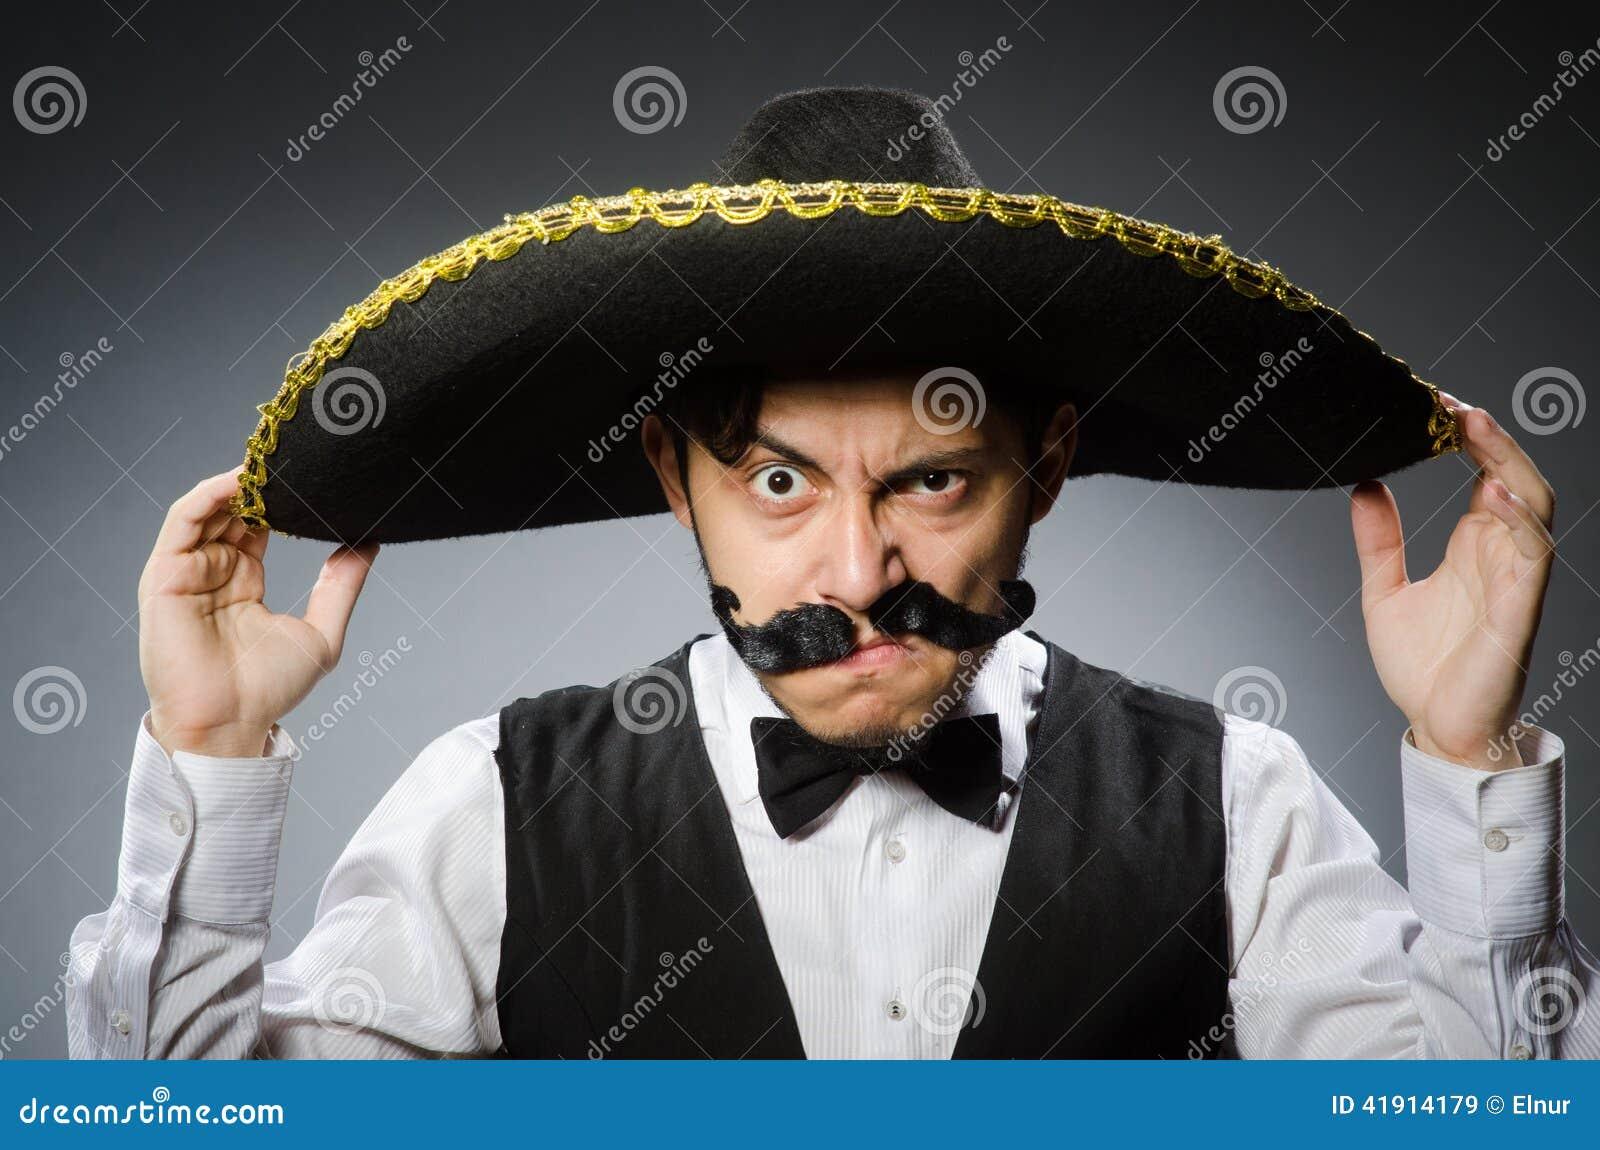 Mexikanischer Mann in lustigem